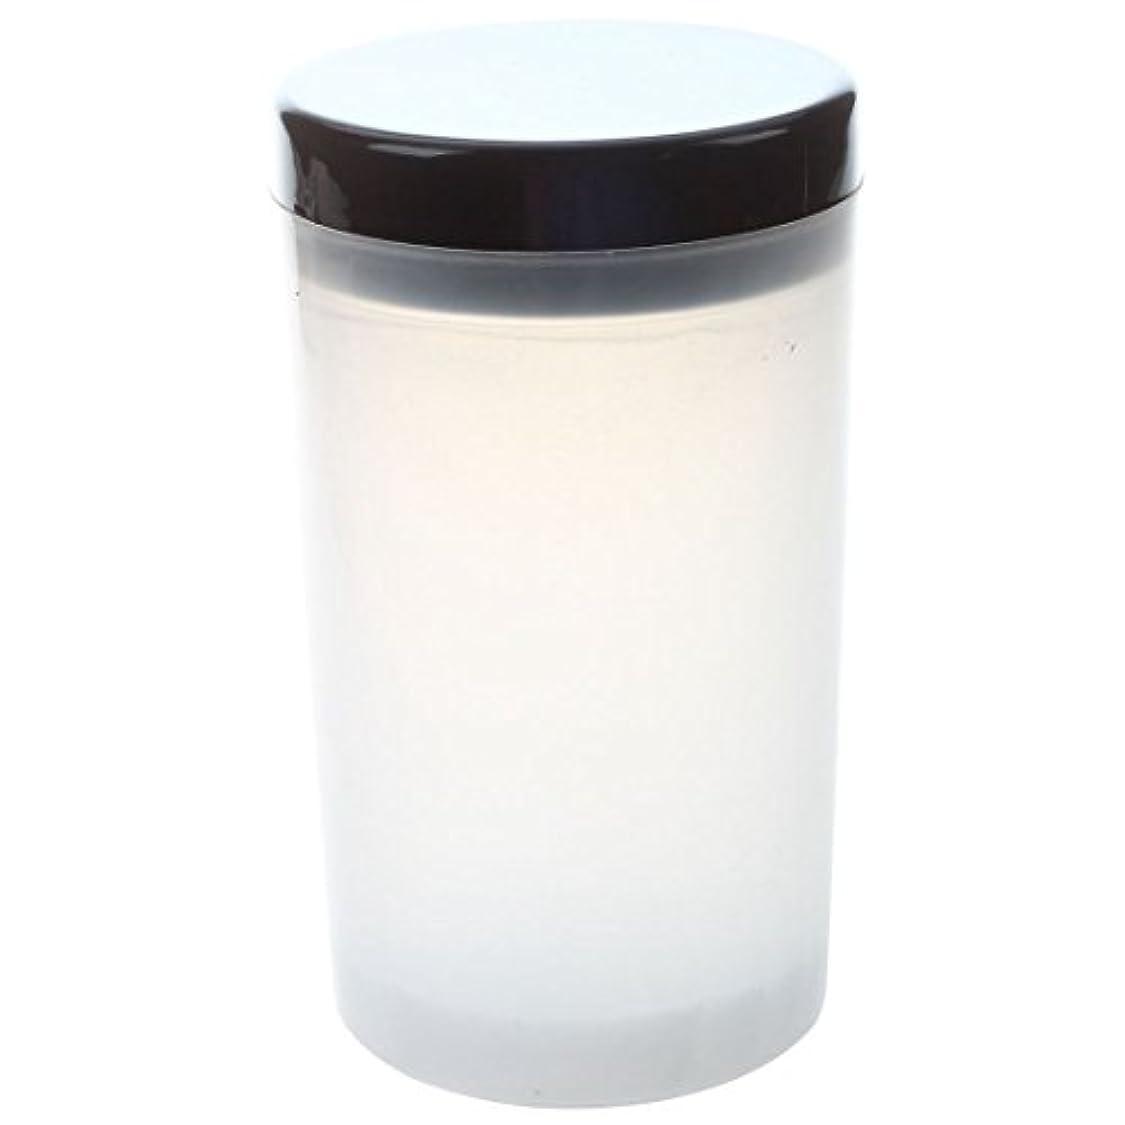 起こるチャールズキージング版Gaoominy ネイルアートチップブラシホルダー リムーバーカップカップ浸漬ブラシ クリーナーボトル